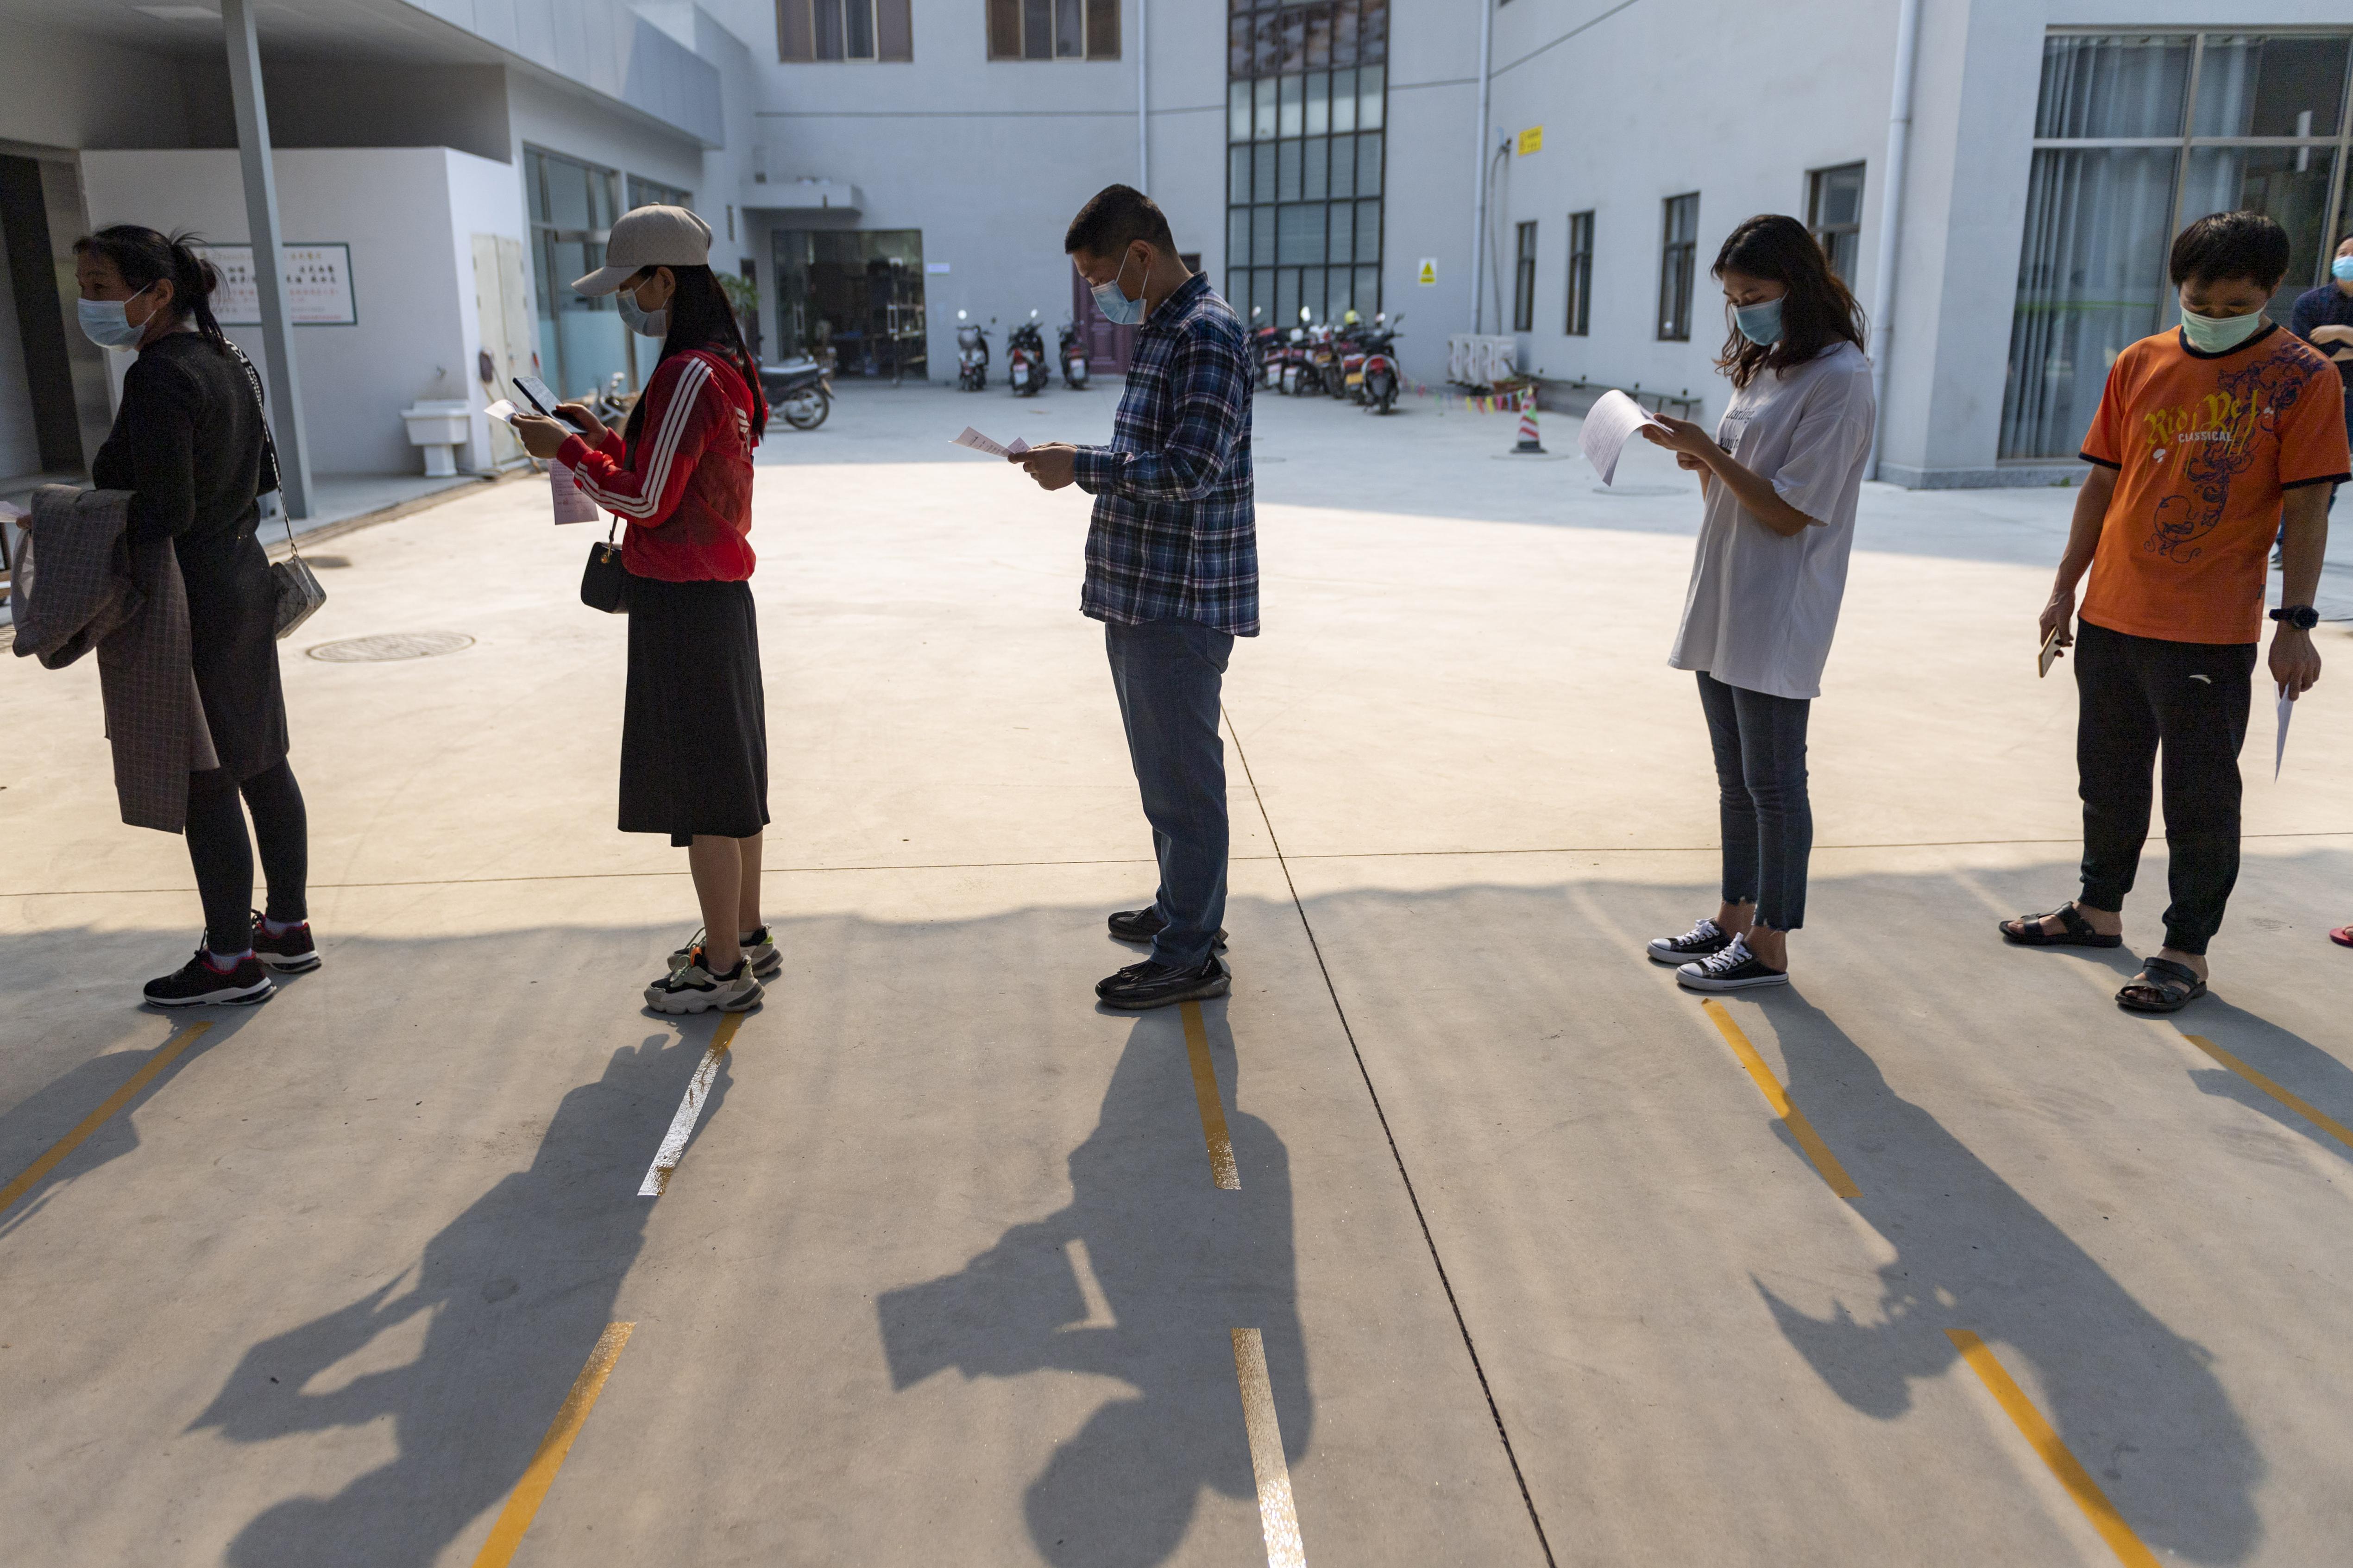 Personas en fila para recibir la vacuna contra el Covid en Ruili, China.